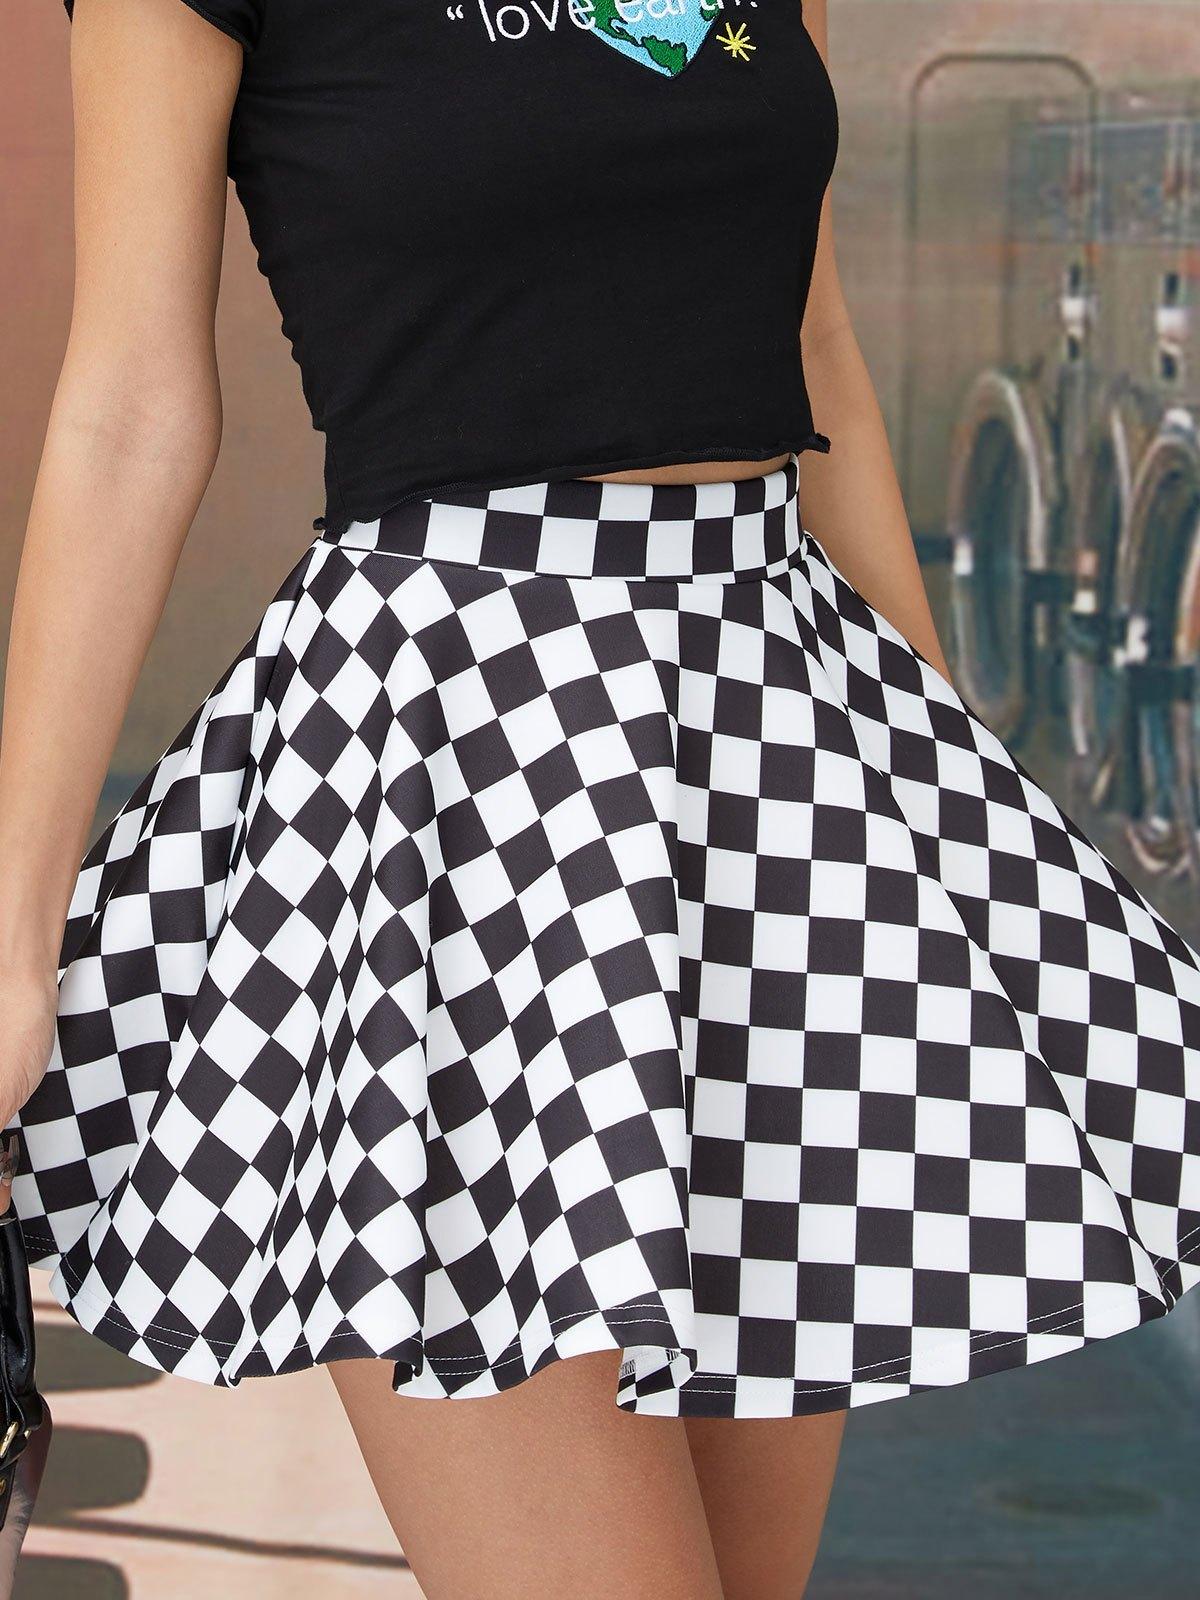 Checkered Print Skate Mini Skirt - Black M